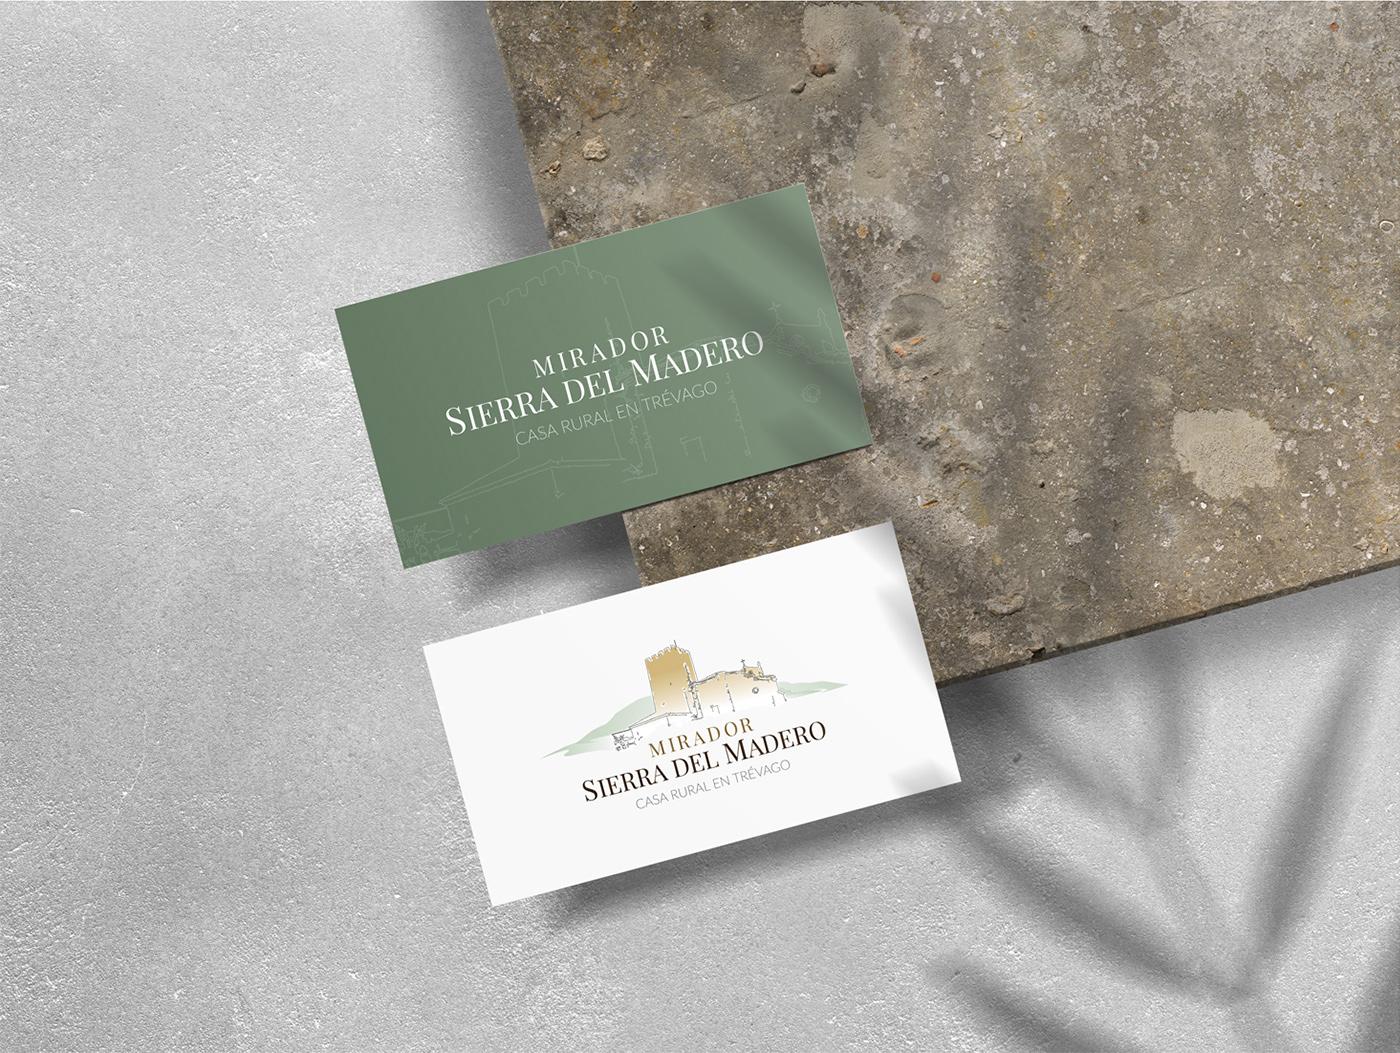 branding  desarrollo de marca Diseño web identidad visual Logotipo